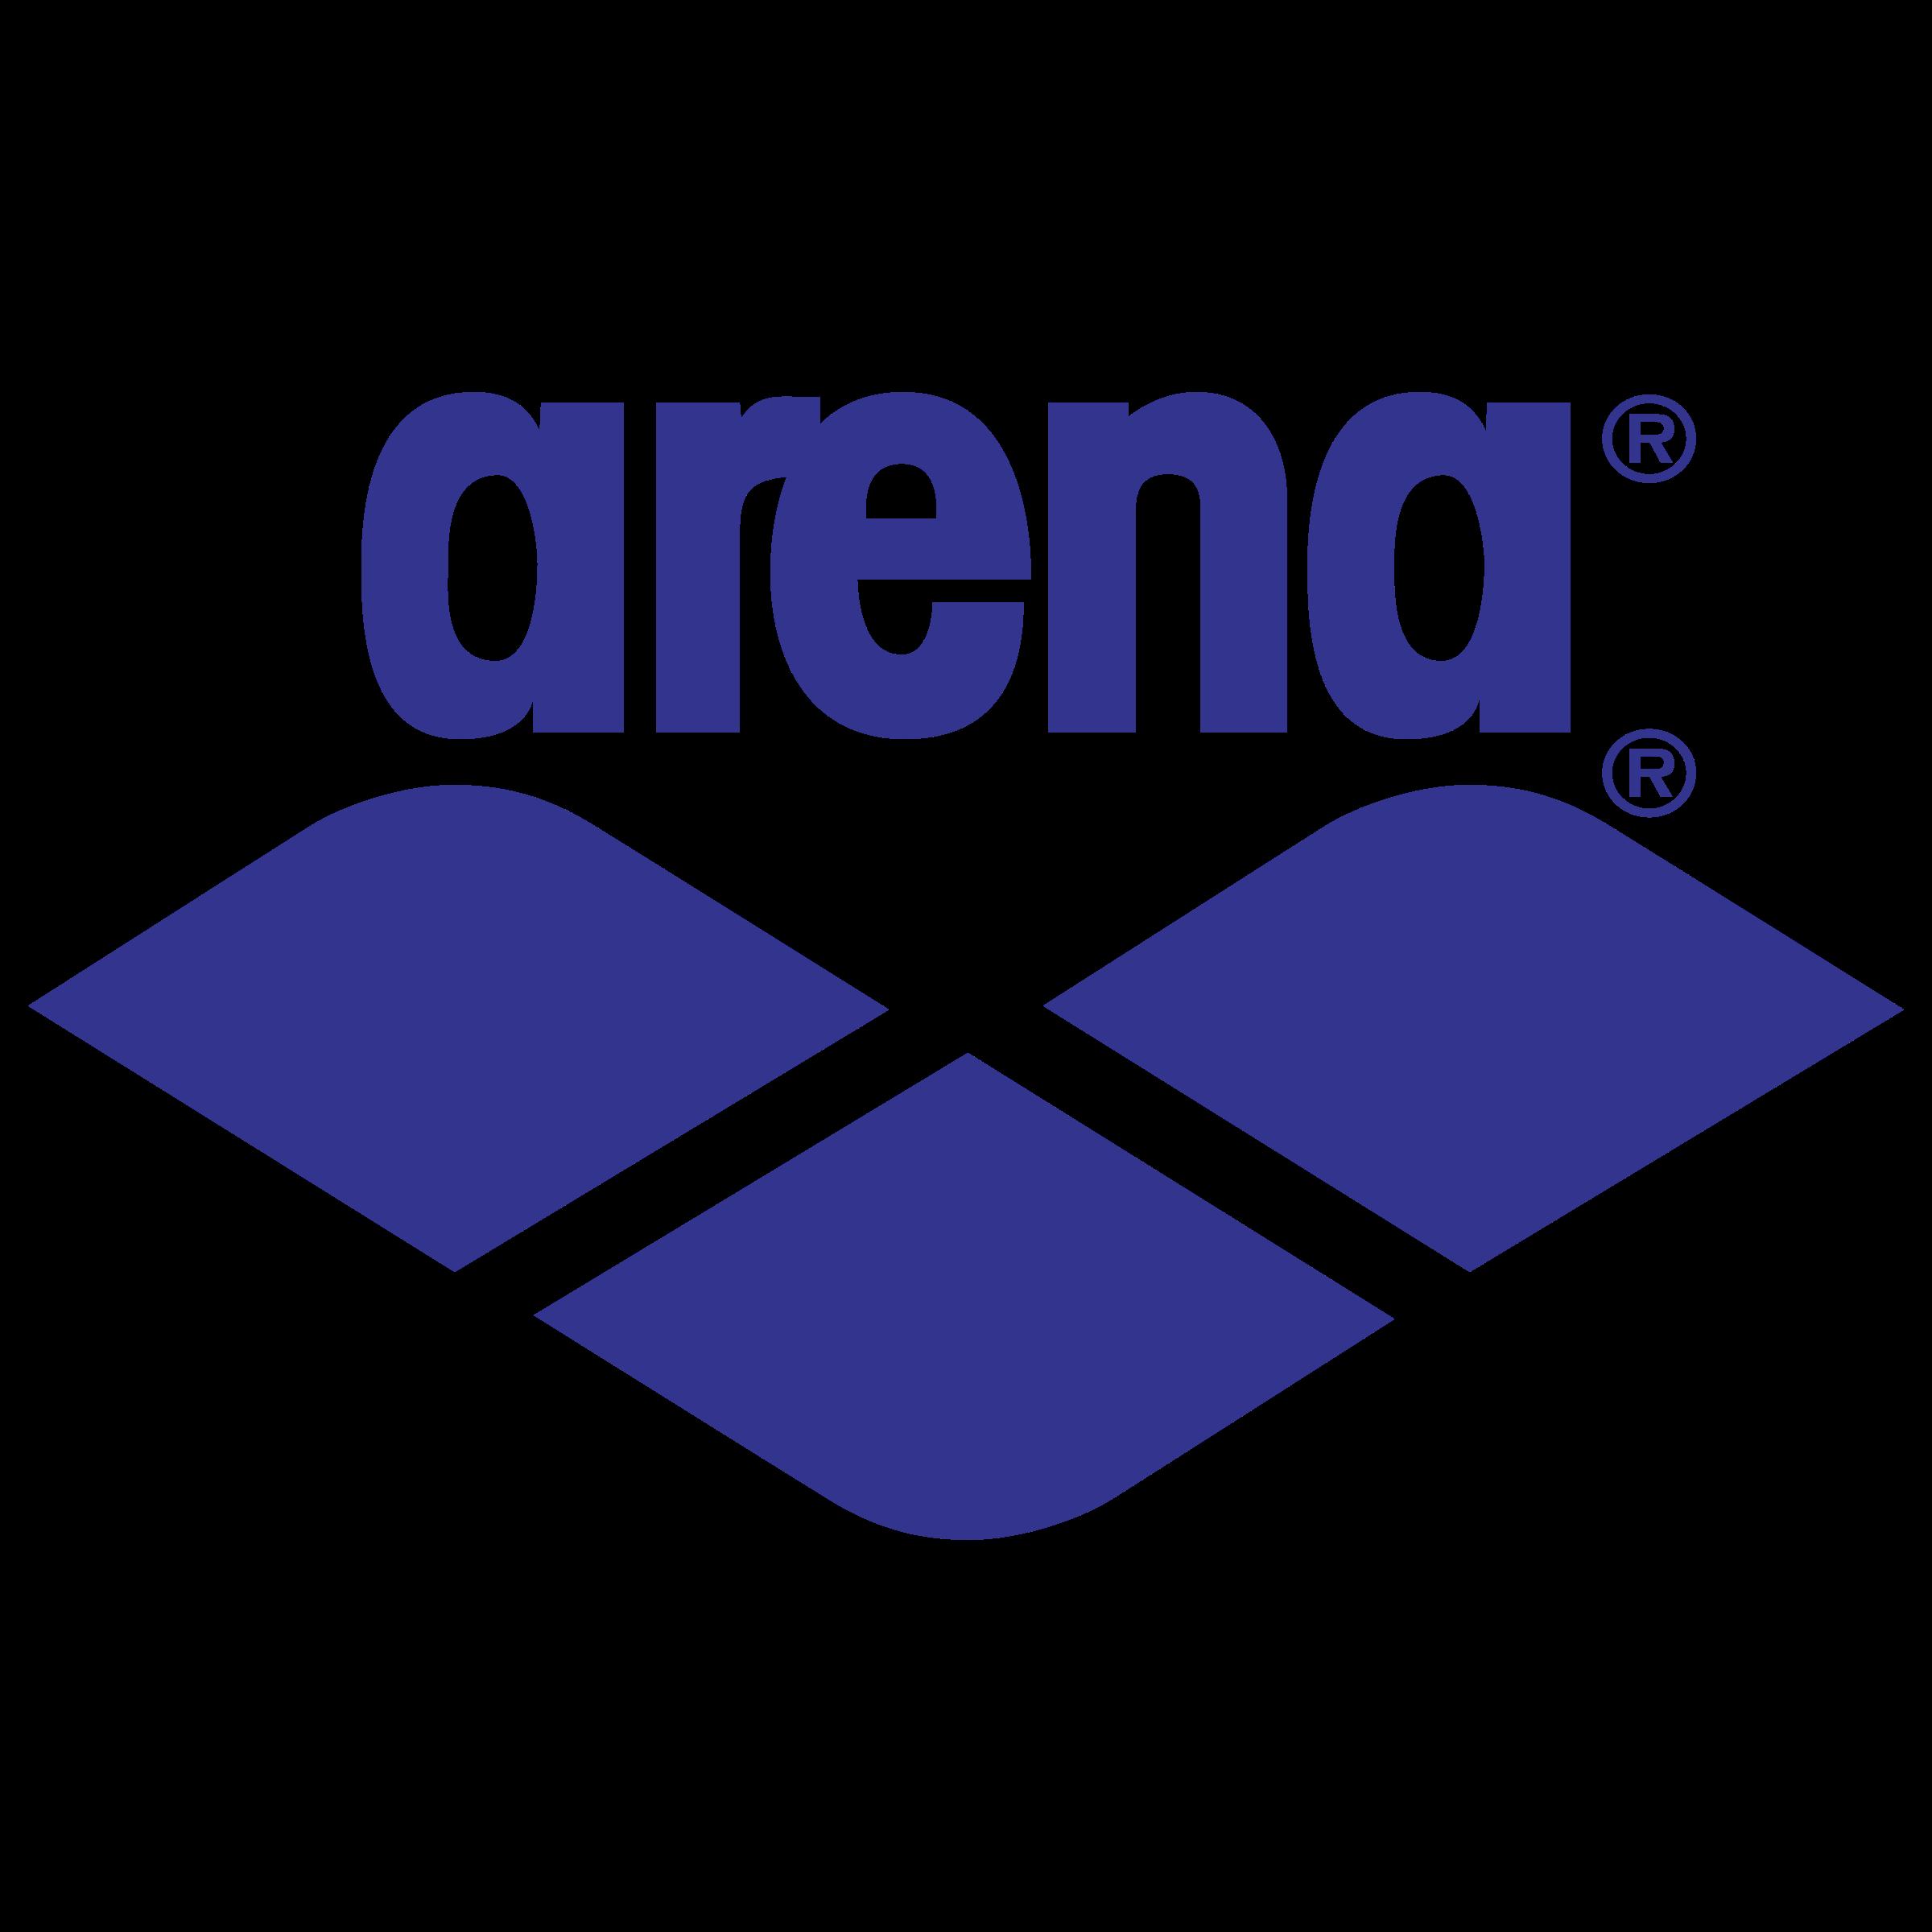 svg black and white download Logo png transparent svg. Vector arena